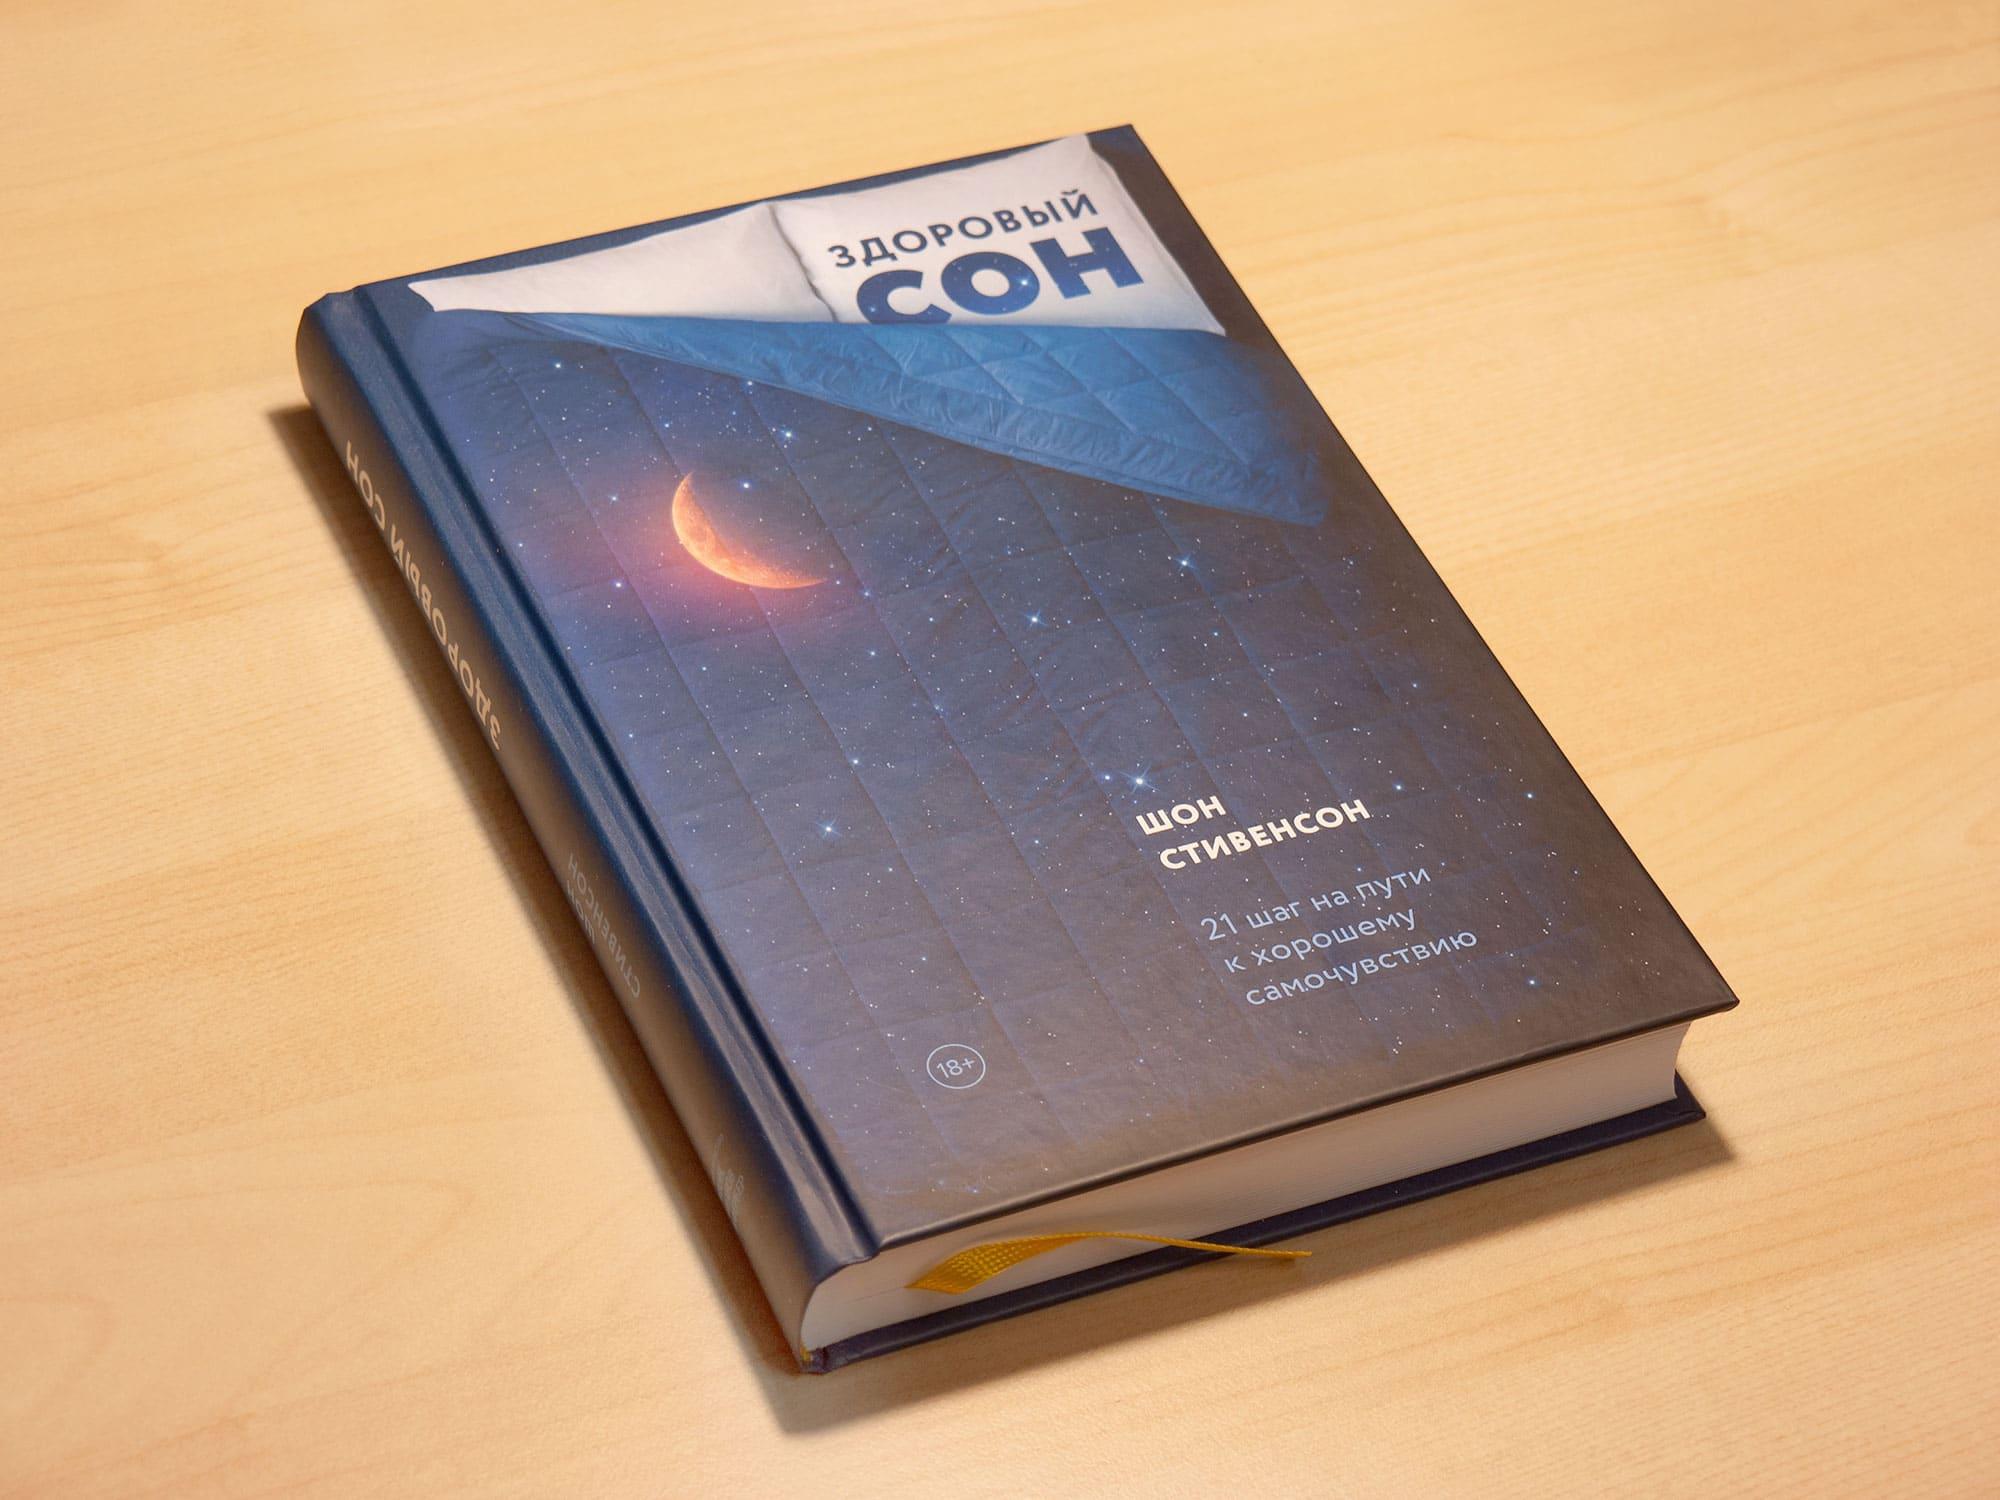 """Книга Шона Стивенсона """"Здоровый сон"""""""